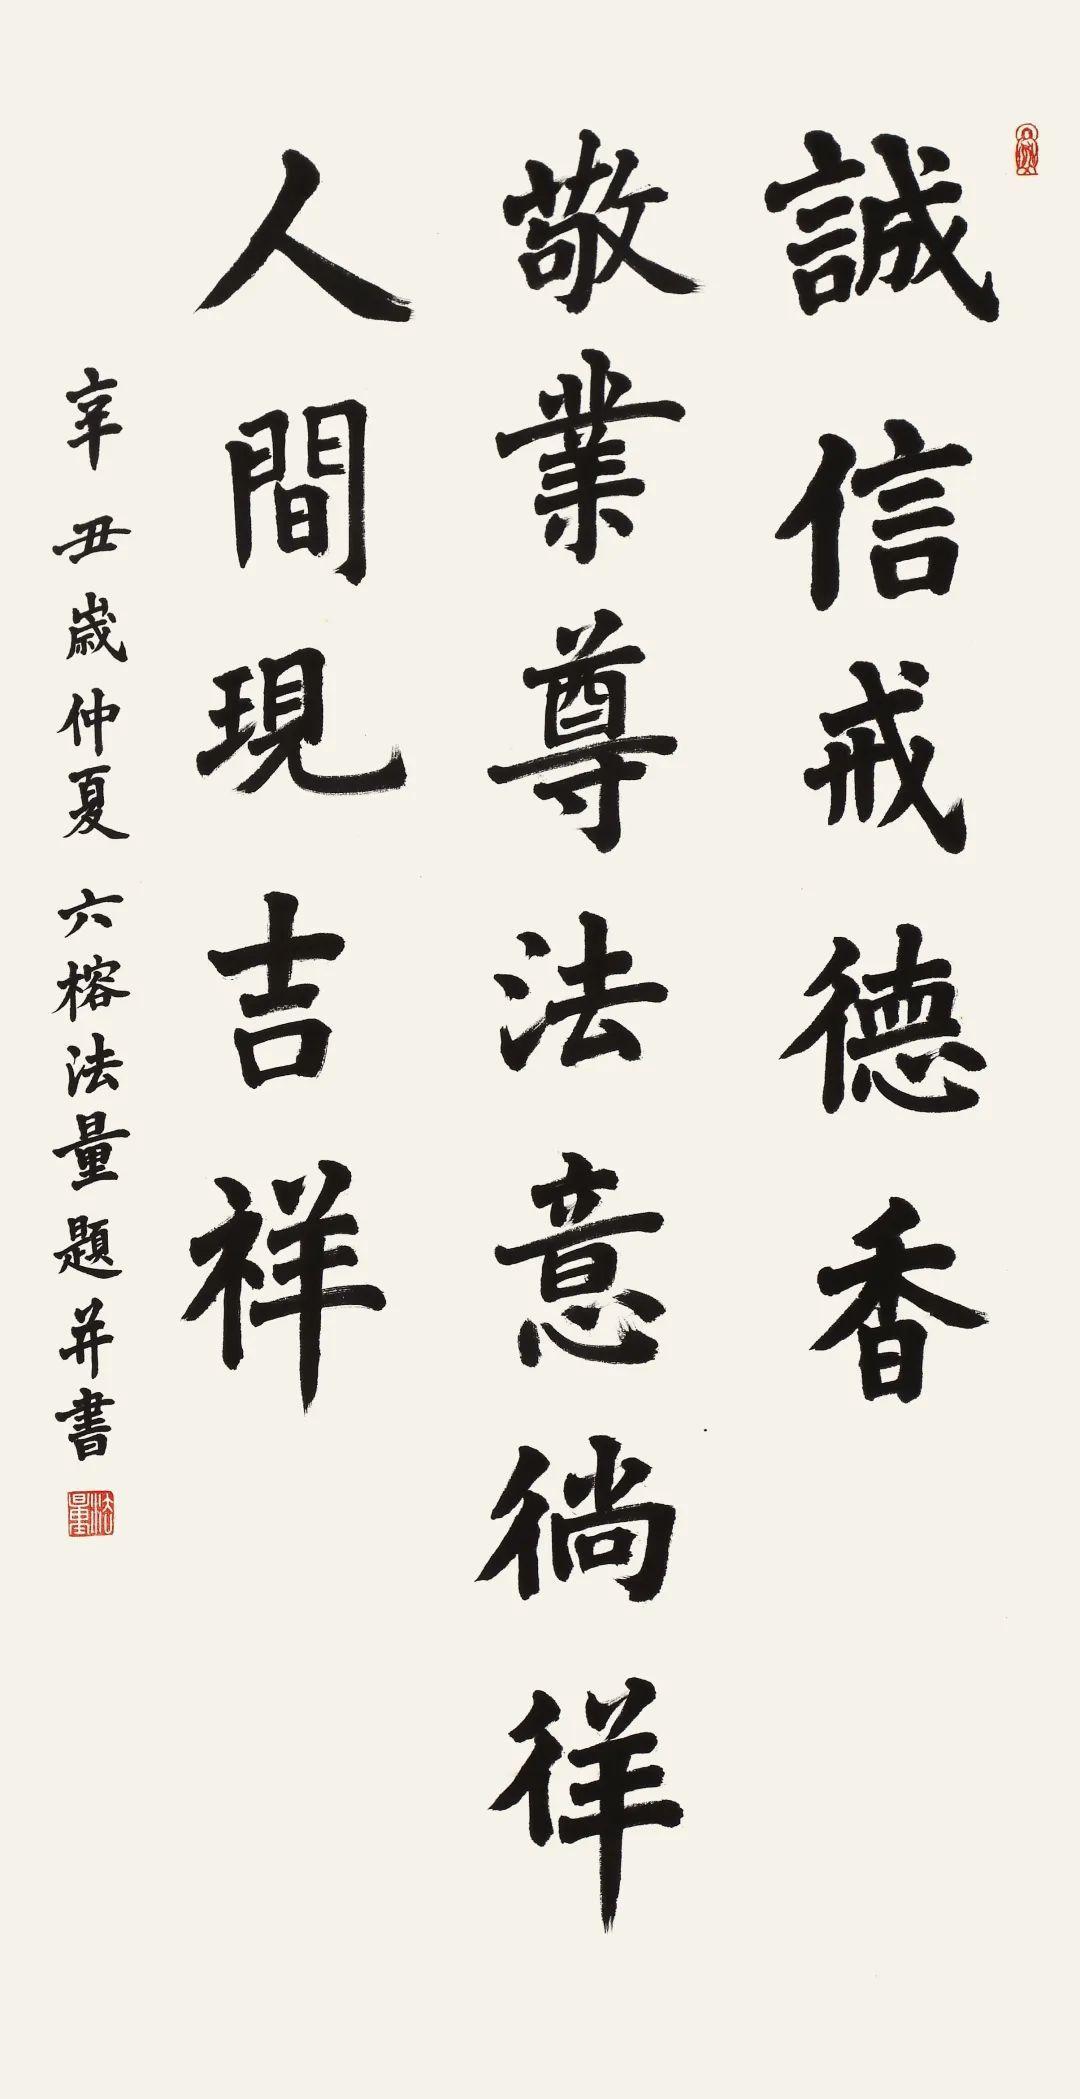 广东省佛教协会常务副会长、广州市佛教协会常务副会长、广州市六榕寺方丈法量大和尚